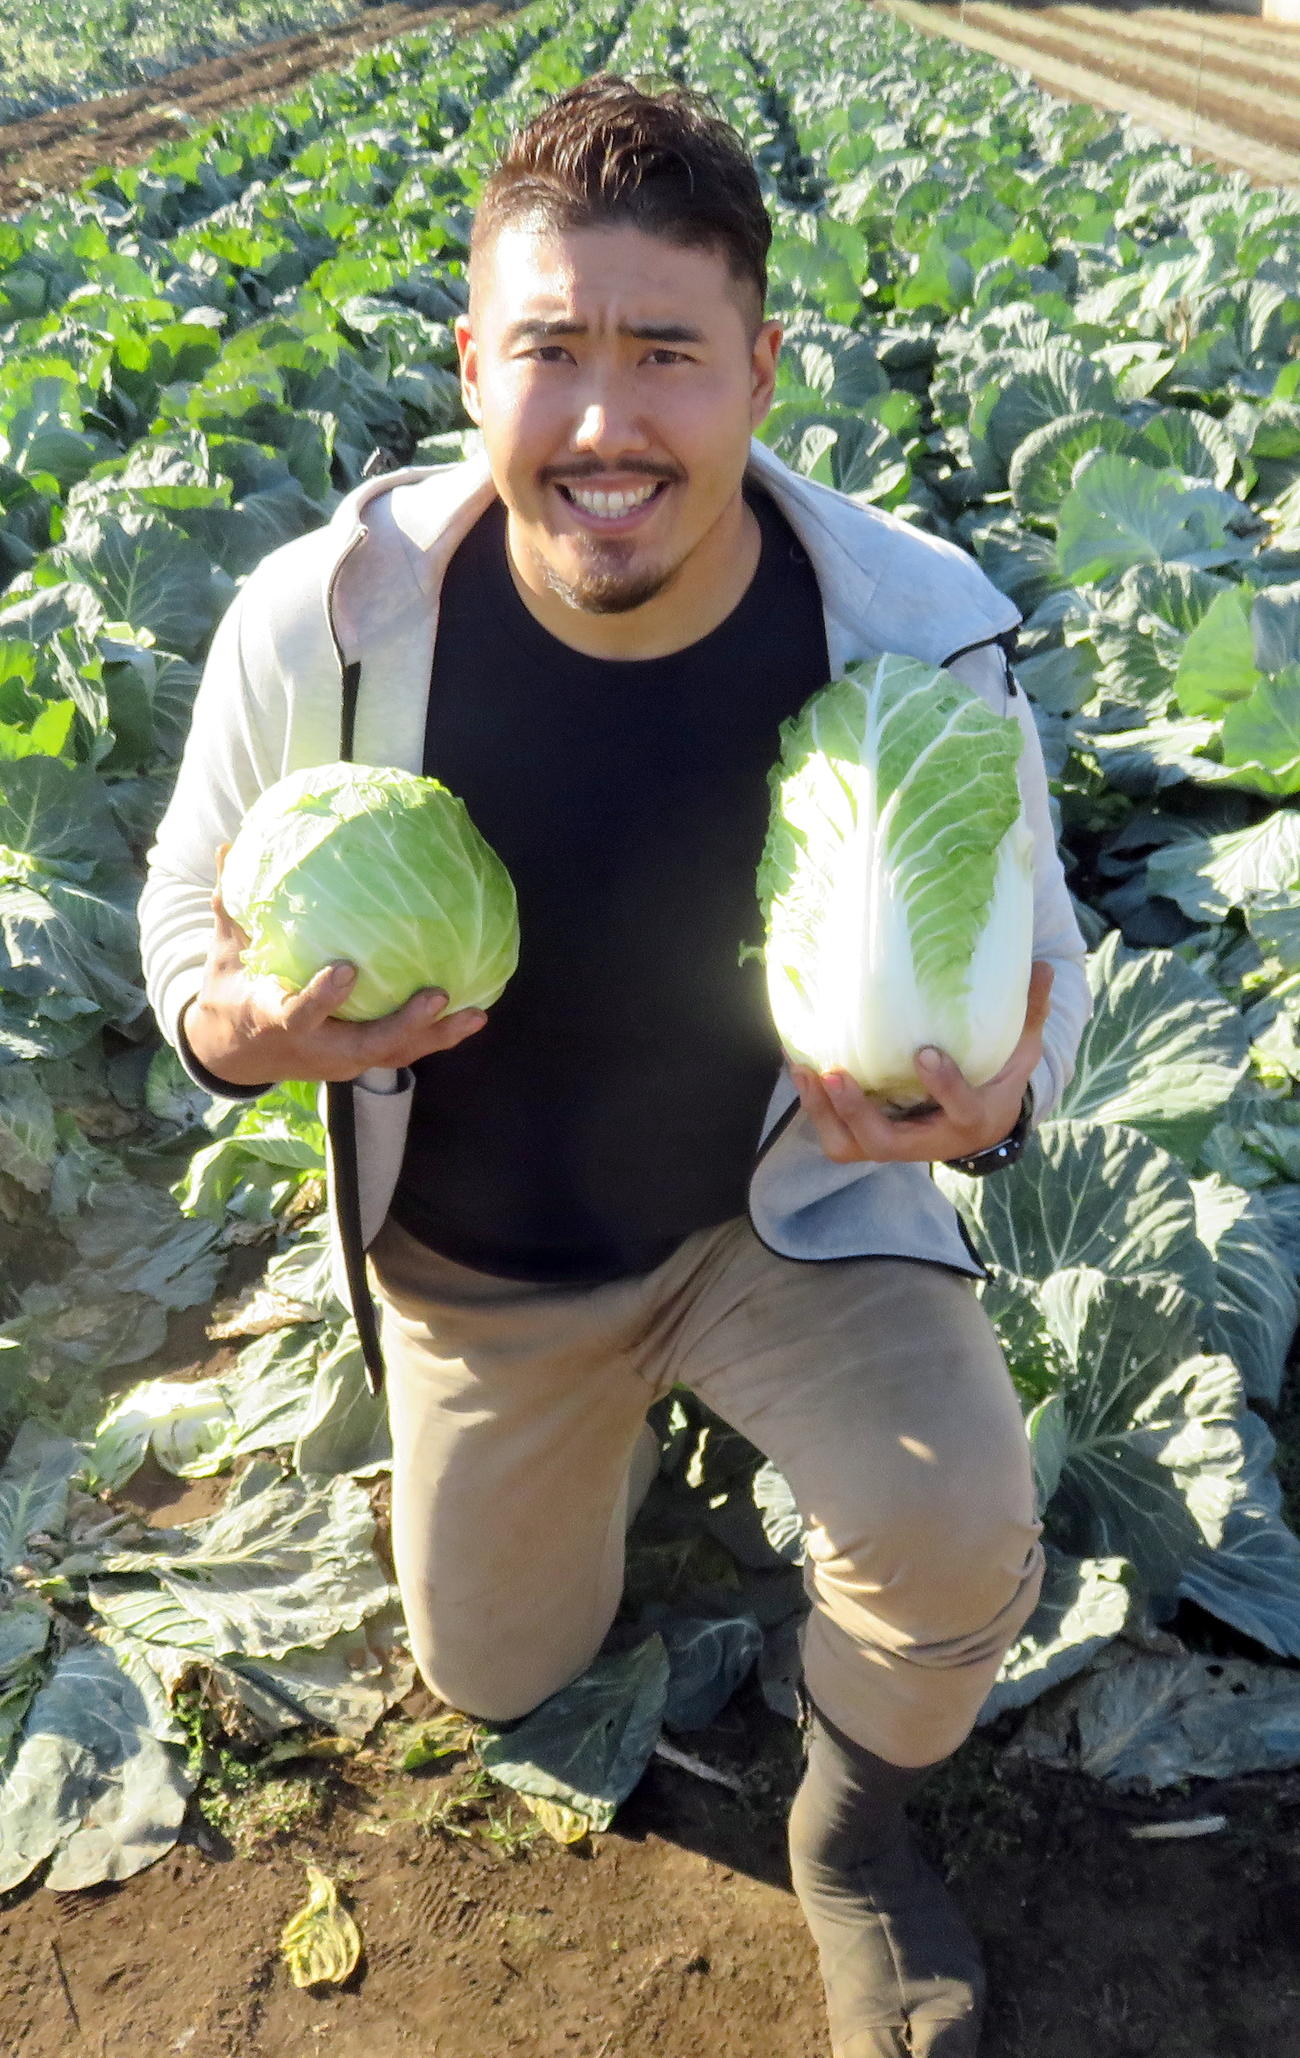 収穫したキャベツとアメリカンフットボールに似ている形の白菜を手に東京の農業発展を誓う岡田さん(撮影・鎌田直秀)